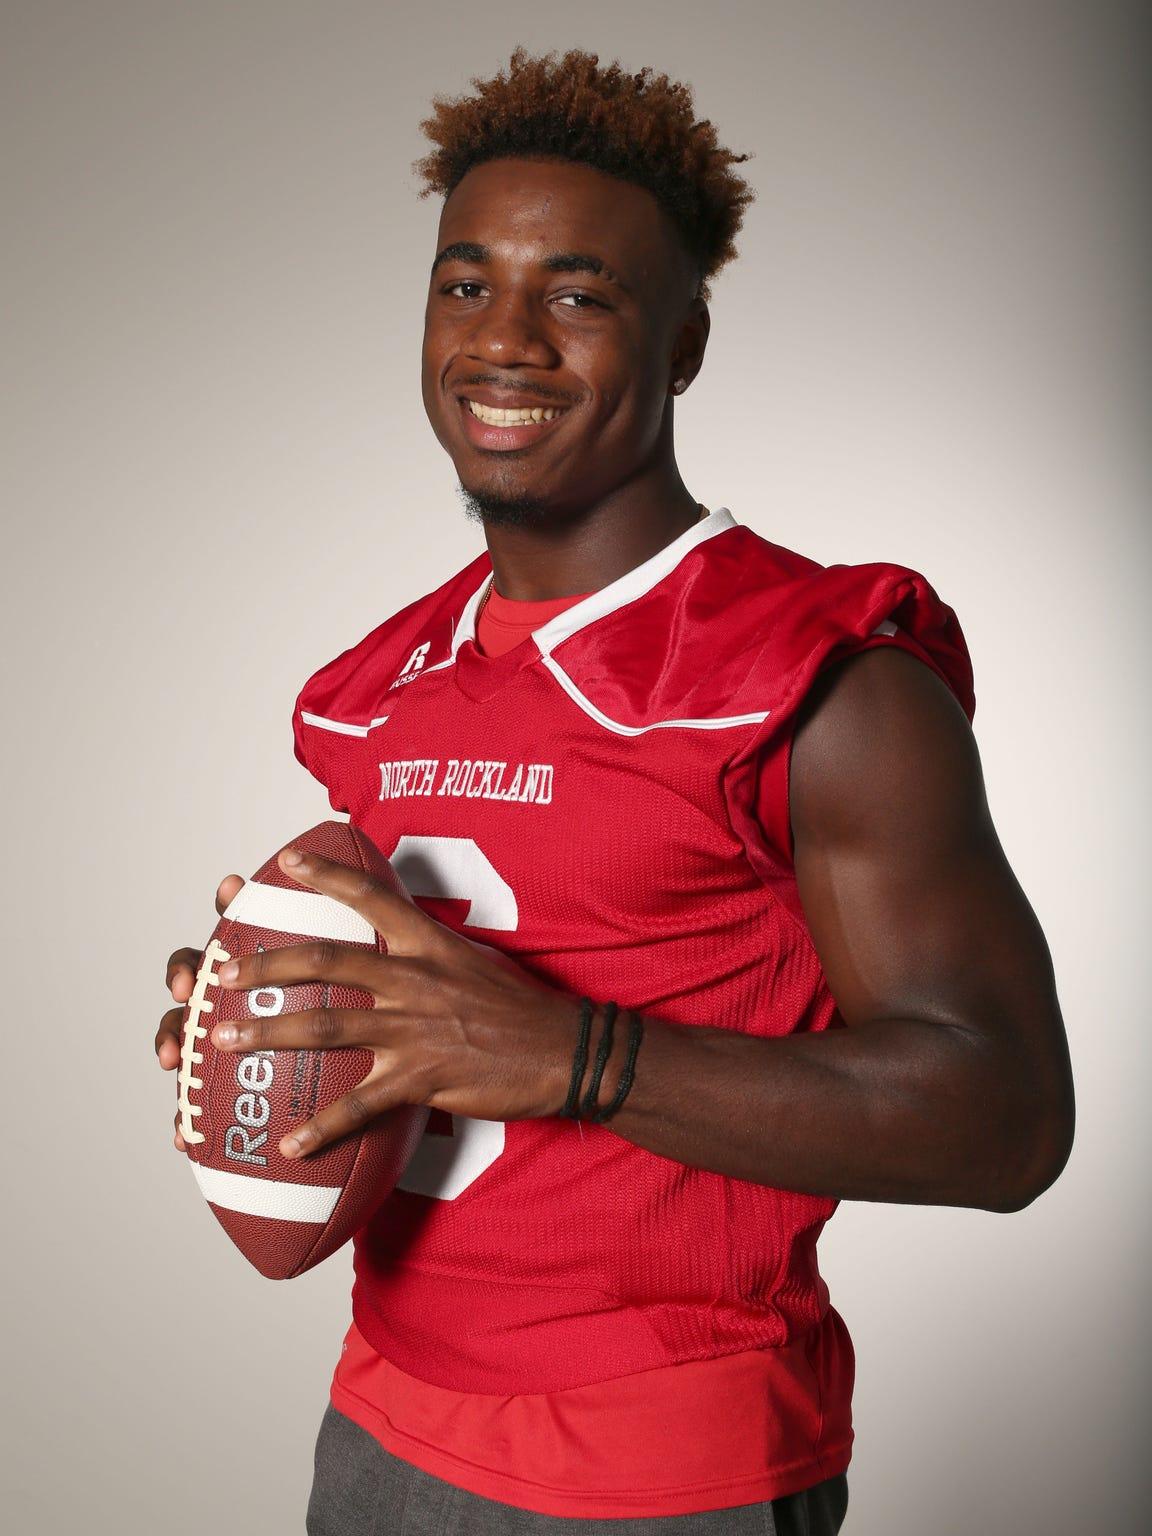 Jayden Cook, a North Rockland High School receiver/